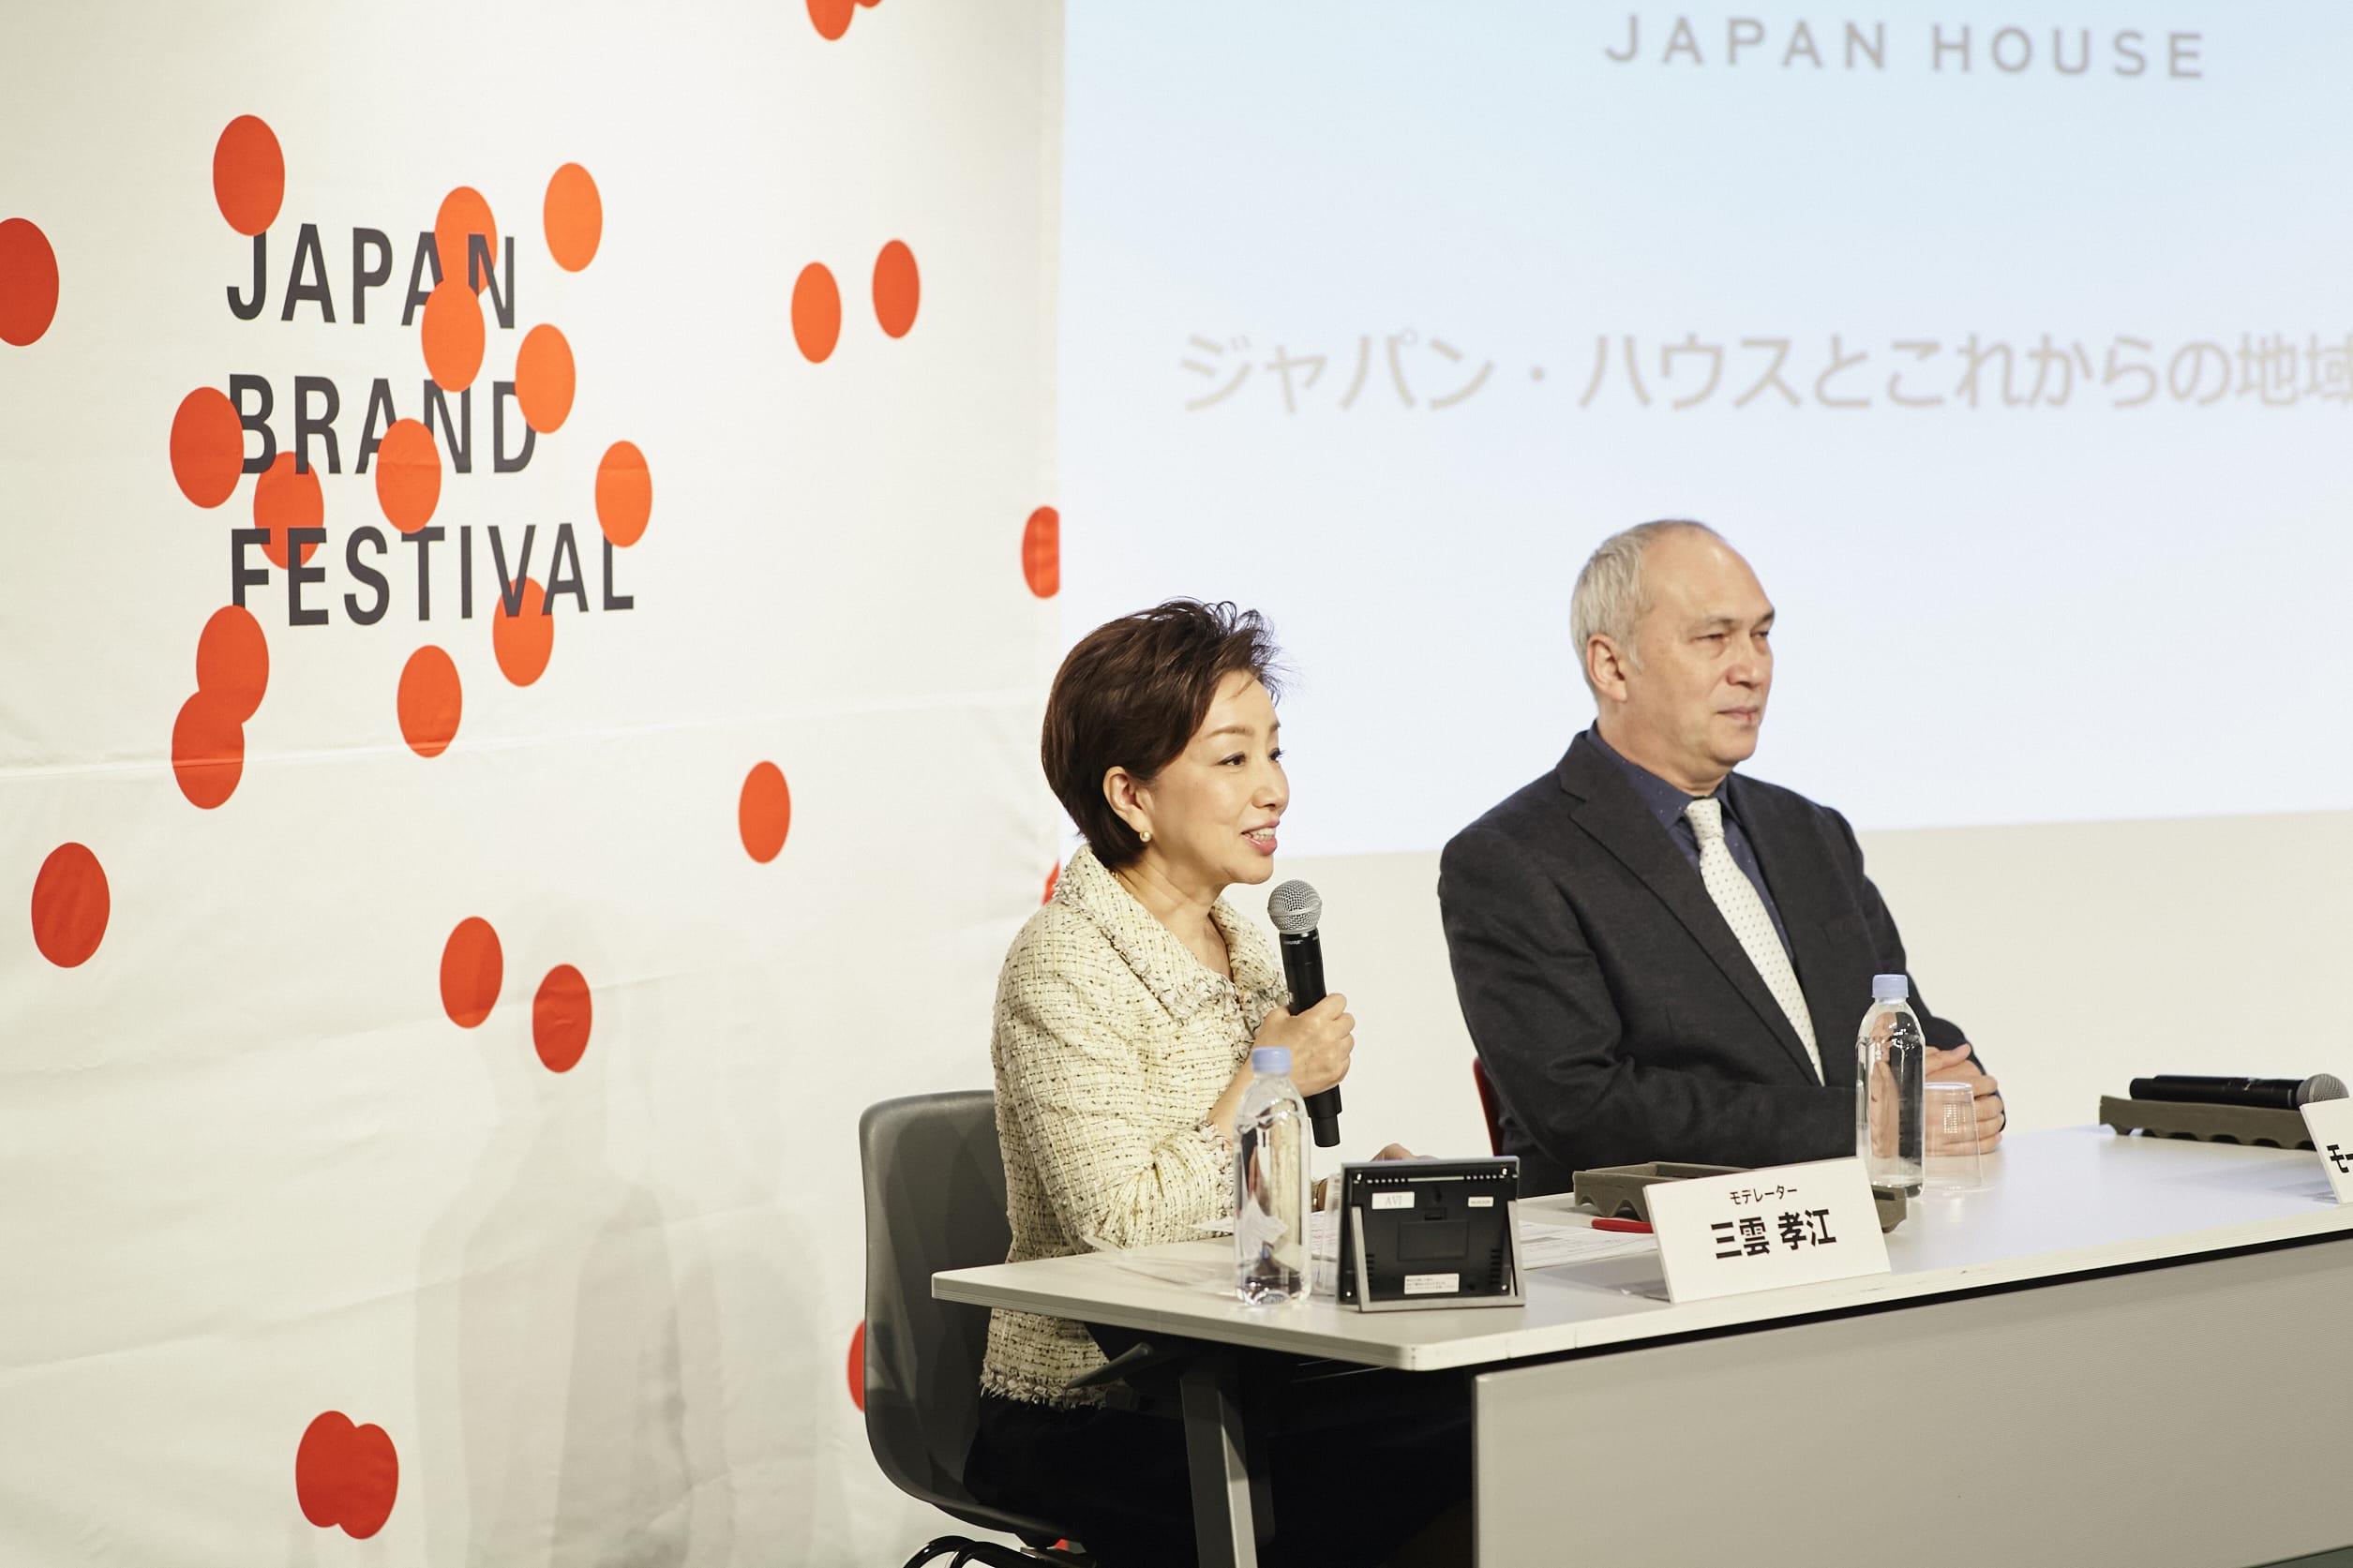 国際ジャーナリスト モーリー・ロバートソンさん。日米双方の教育を受けた後、1981年に東京大学に現役合格。1988年ハーバード大学を卒業。国際ジャーナリストからミュージシャンまで幅広く活躍中。ディスカッションの進行役は、フリーアナウンサーの三雲孝江さん。